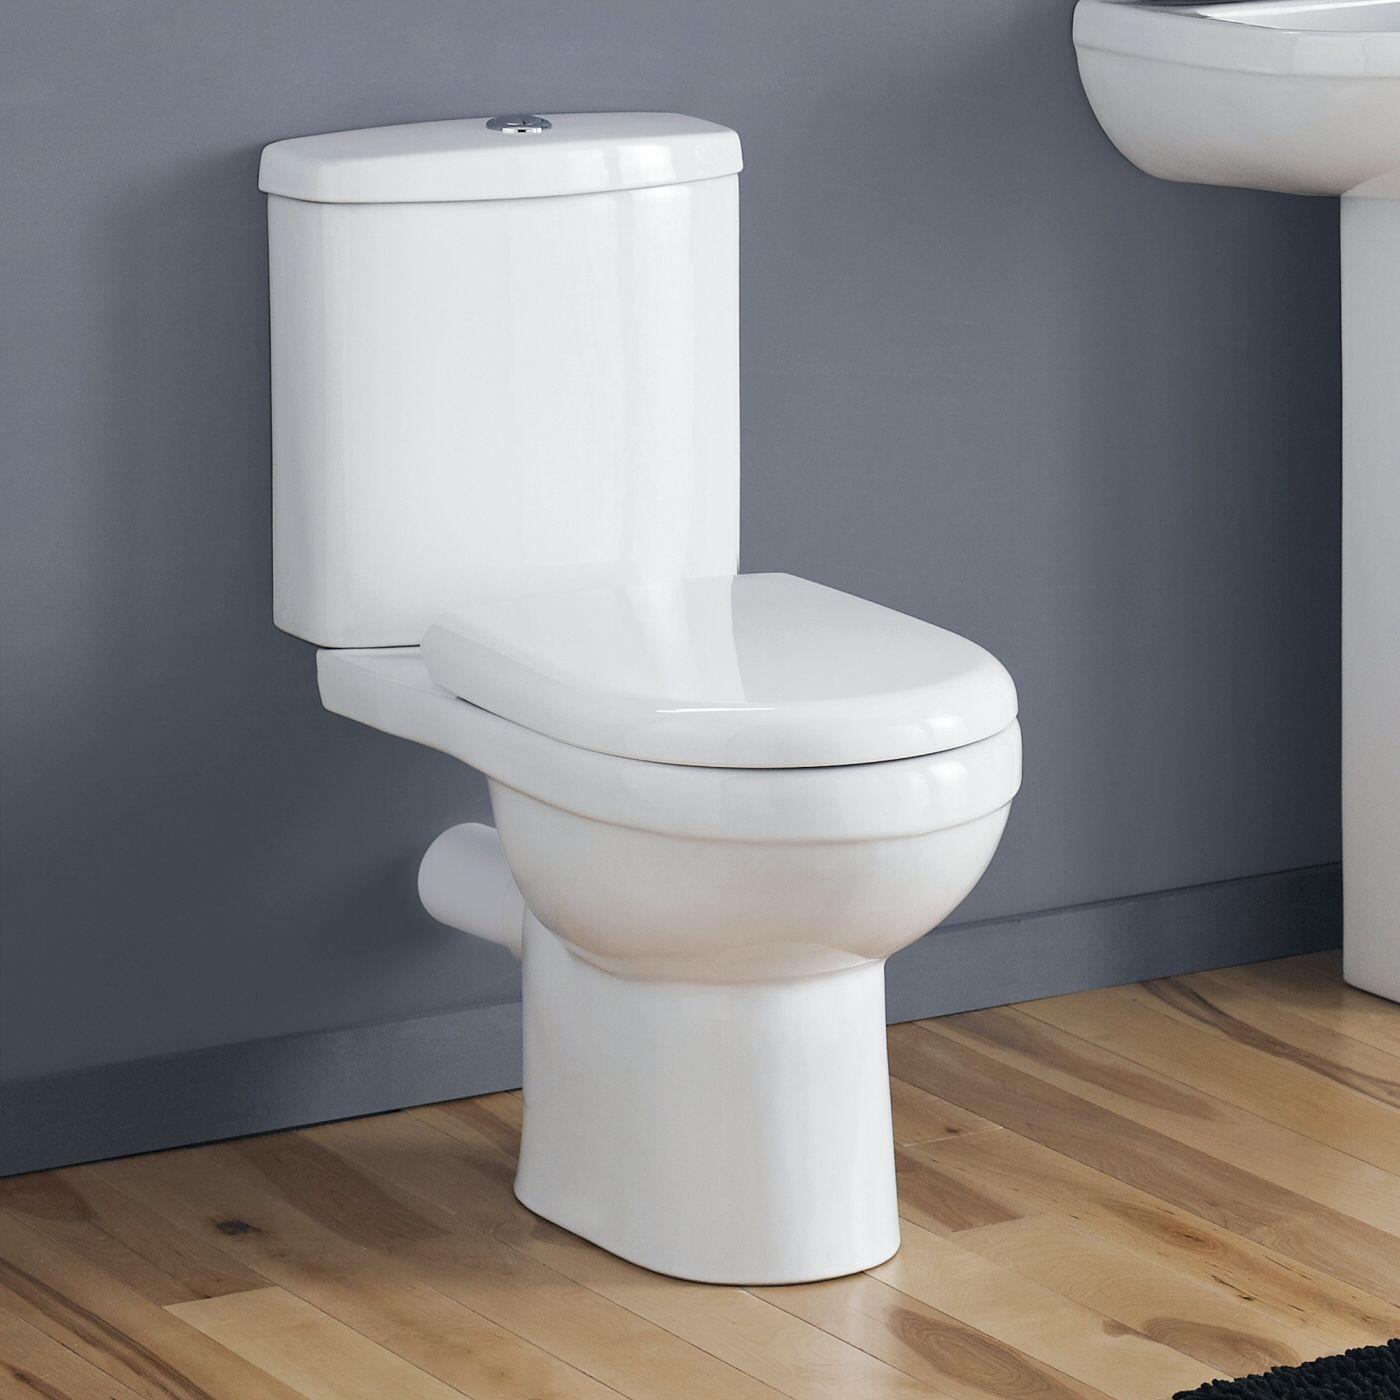 Pack de wc completo con inodoro cisterna con salida for Tapa para inodoro